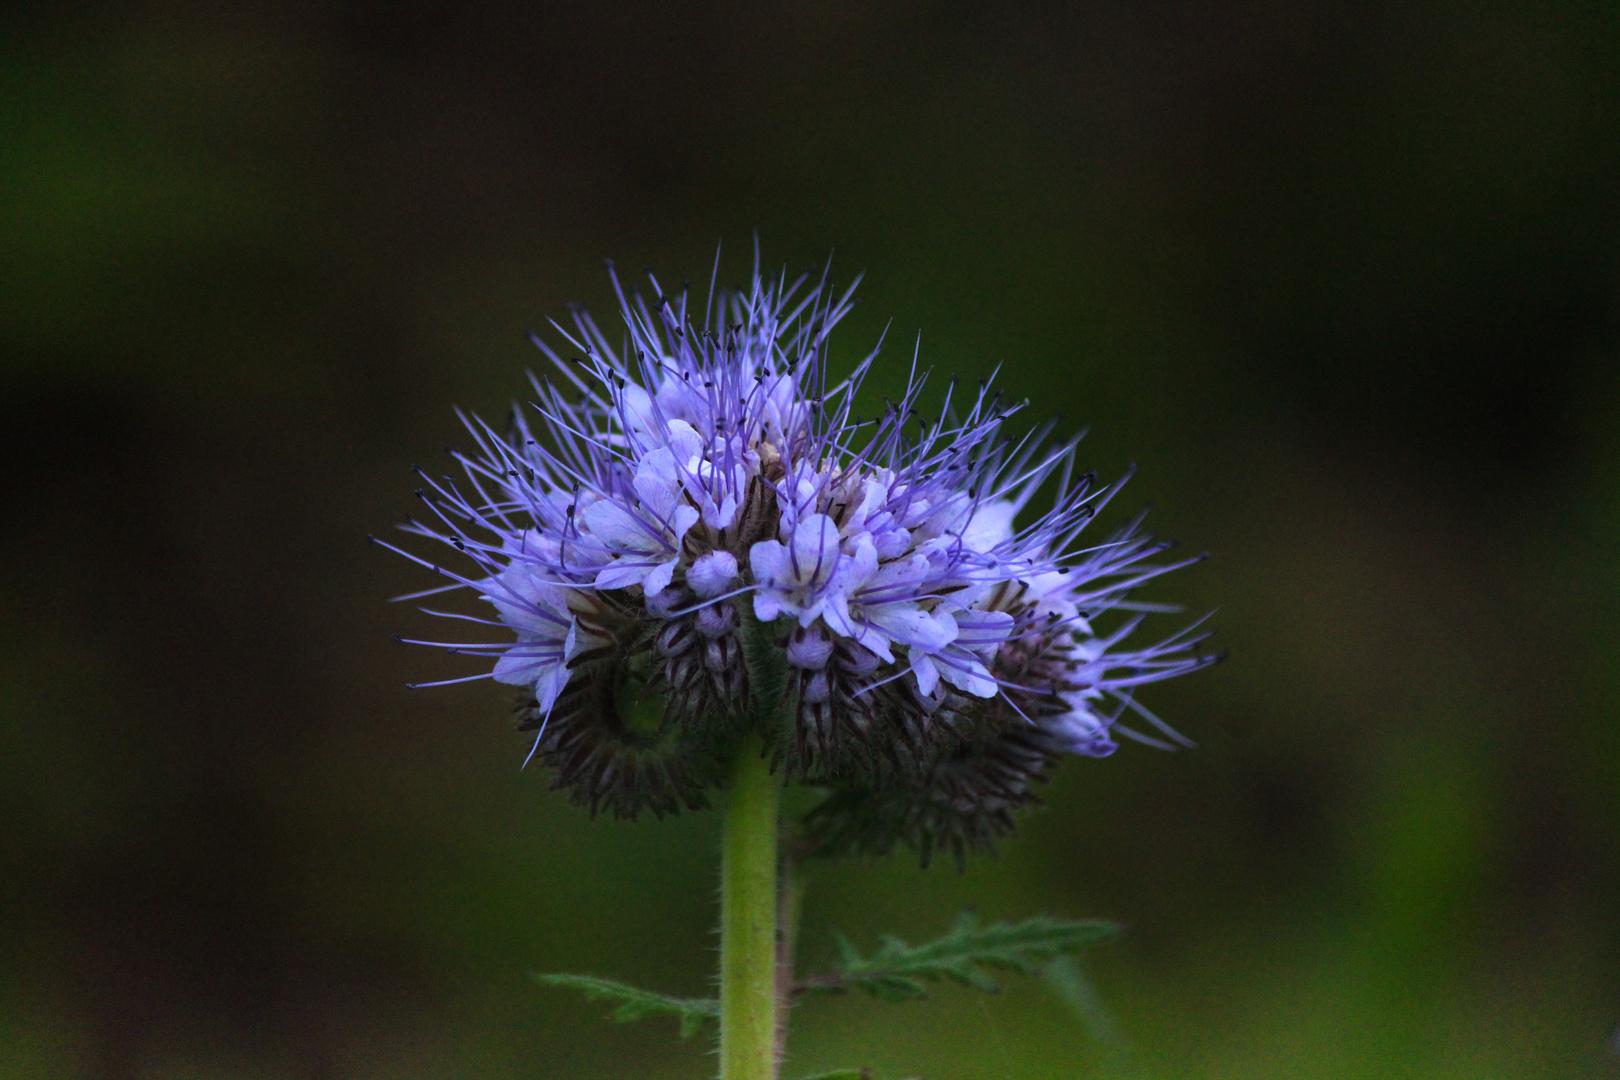 Blume mit langen Blütenstengeln